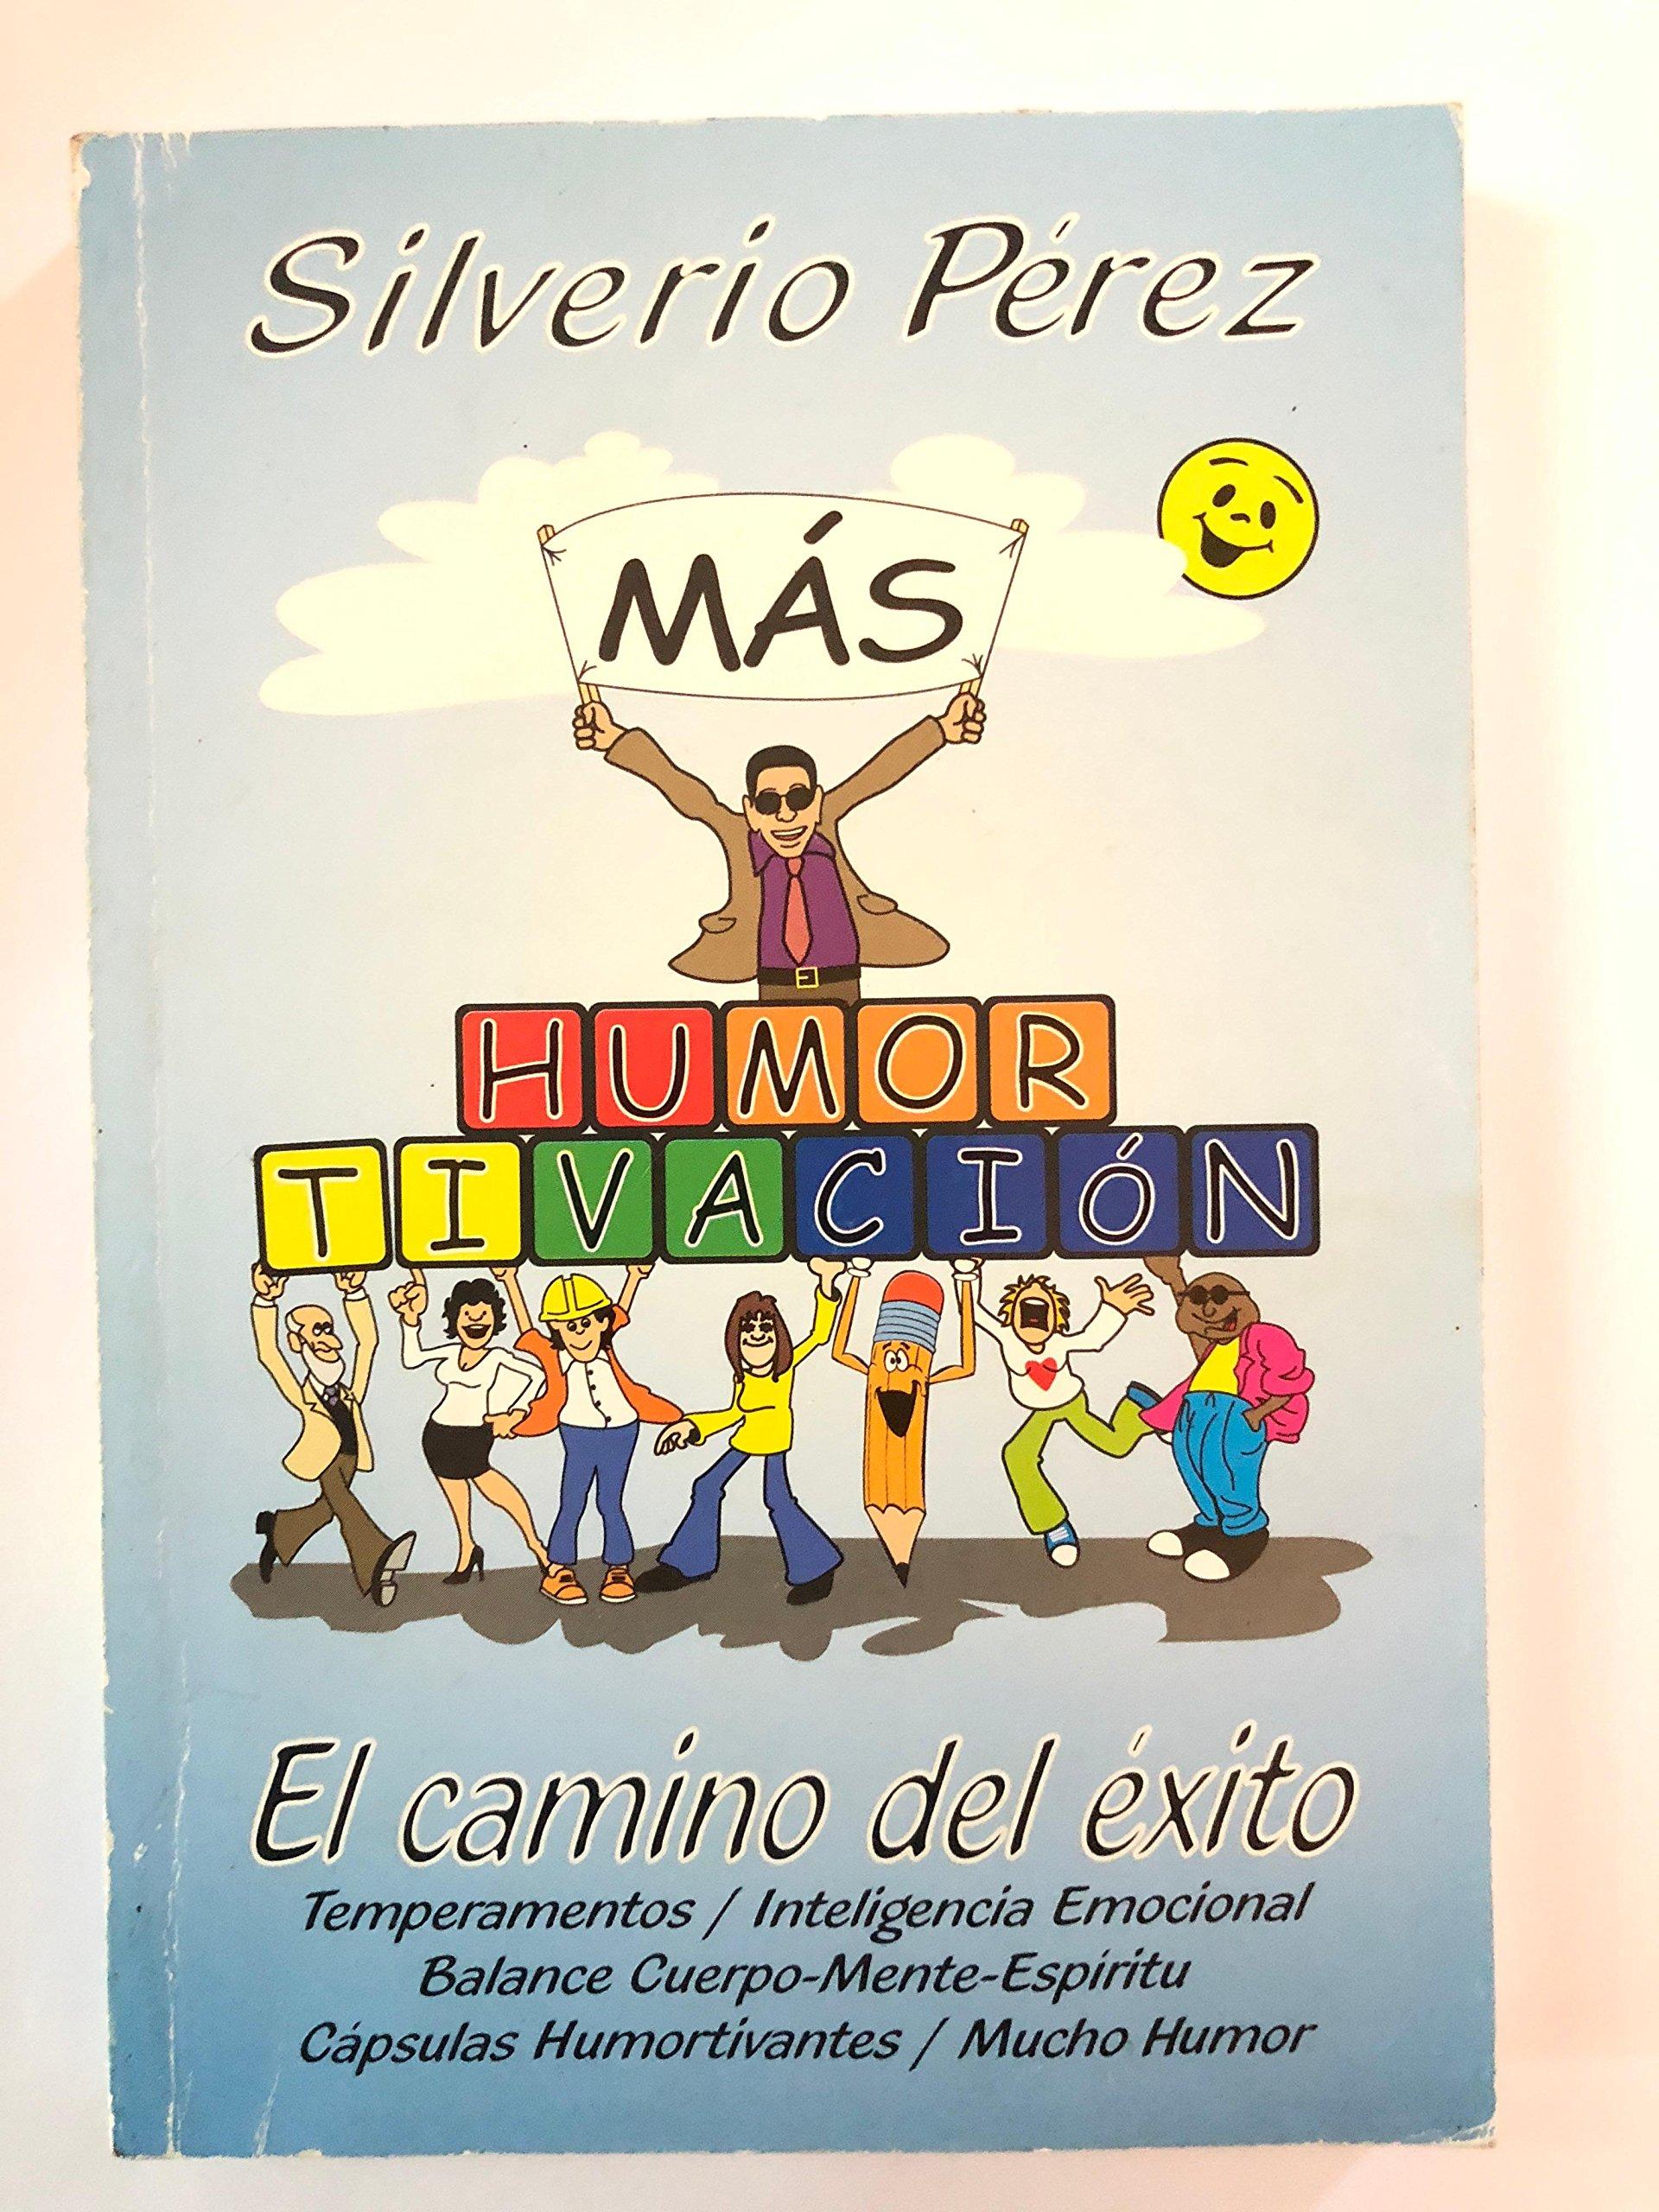 Humor Tivacion ebook